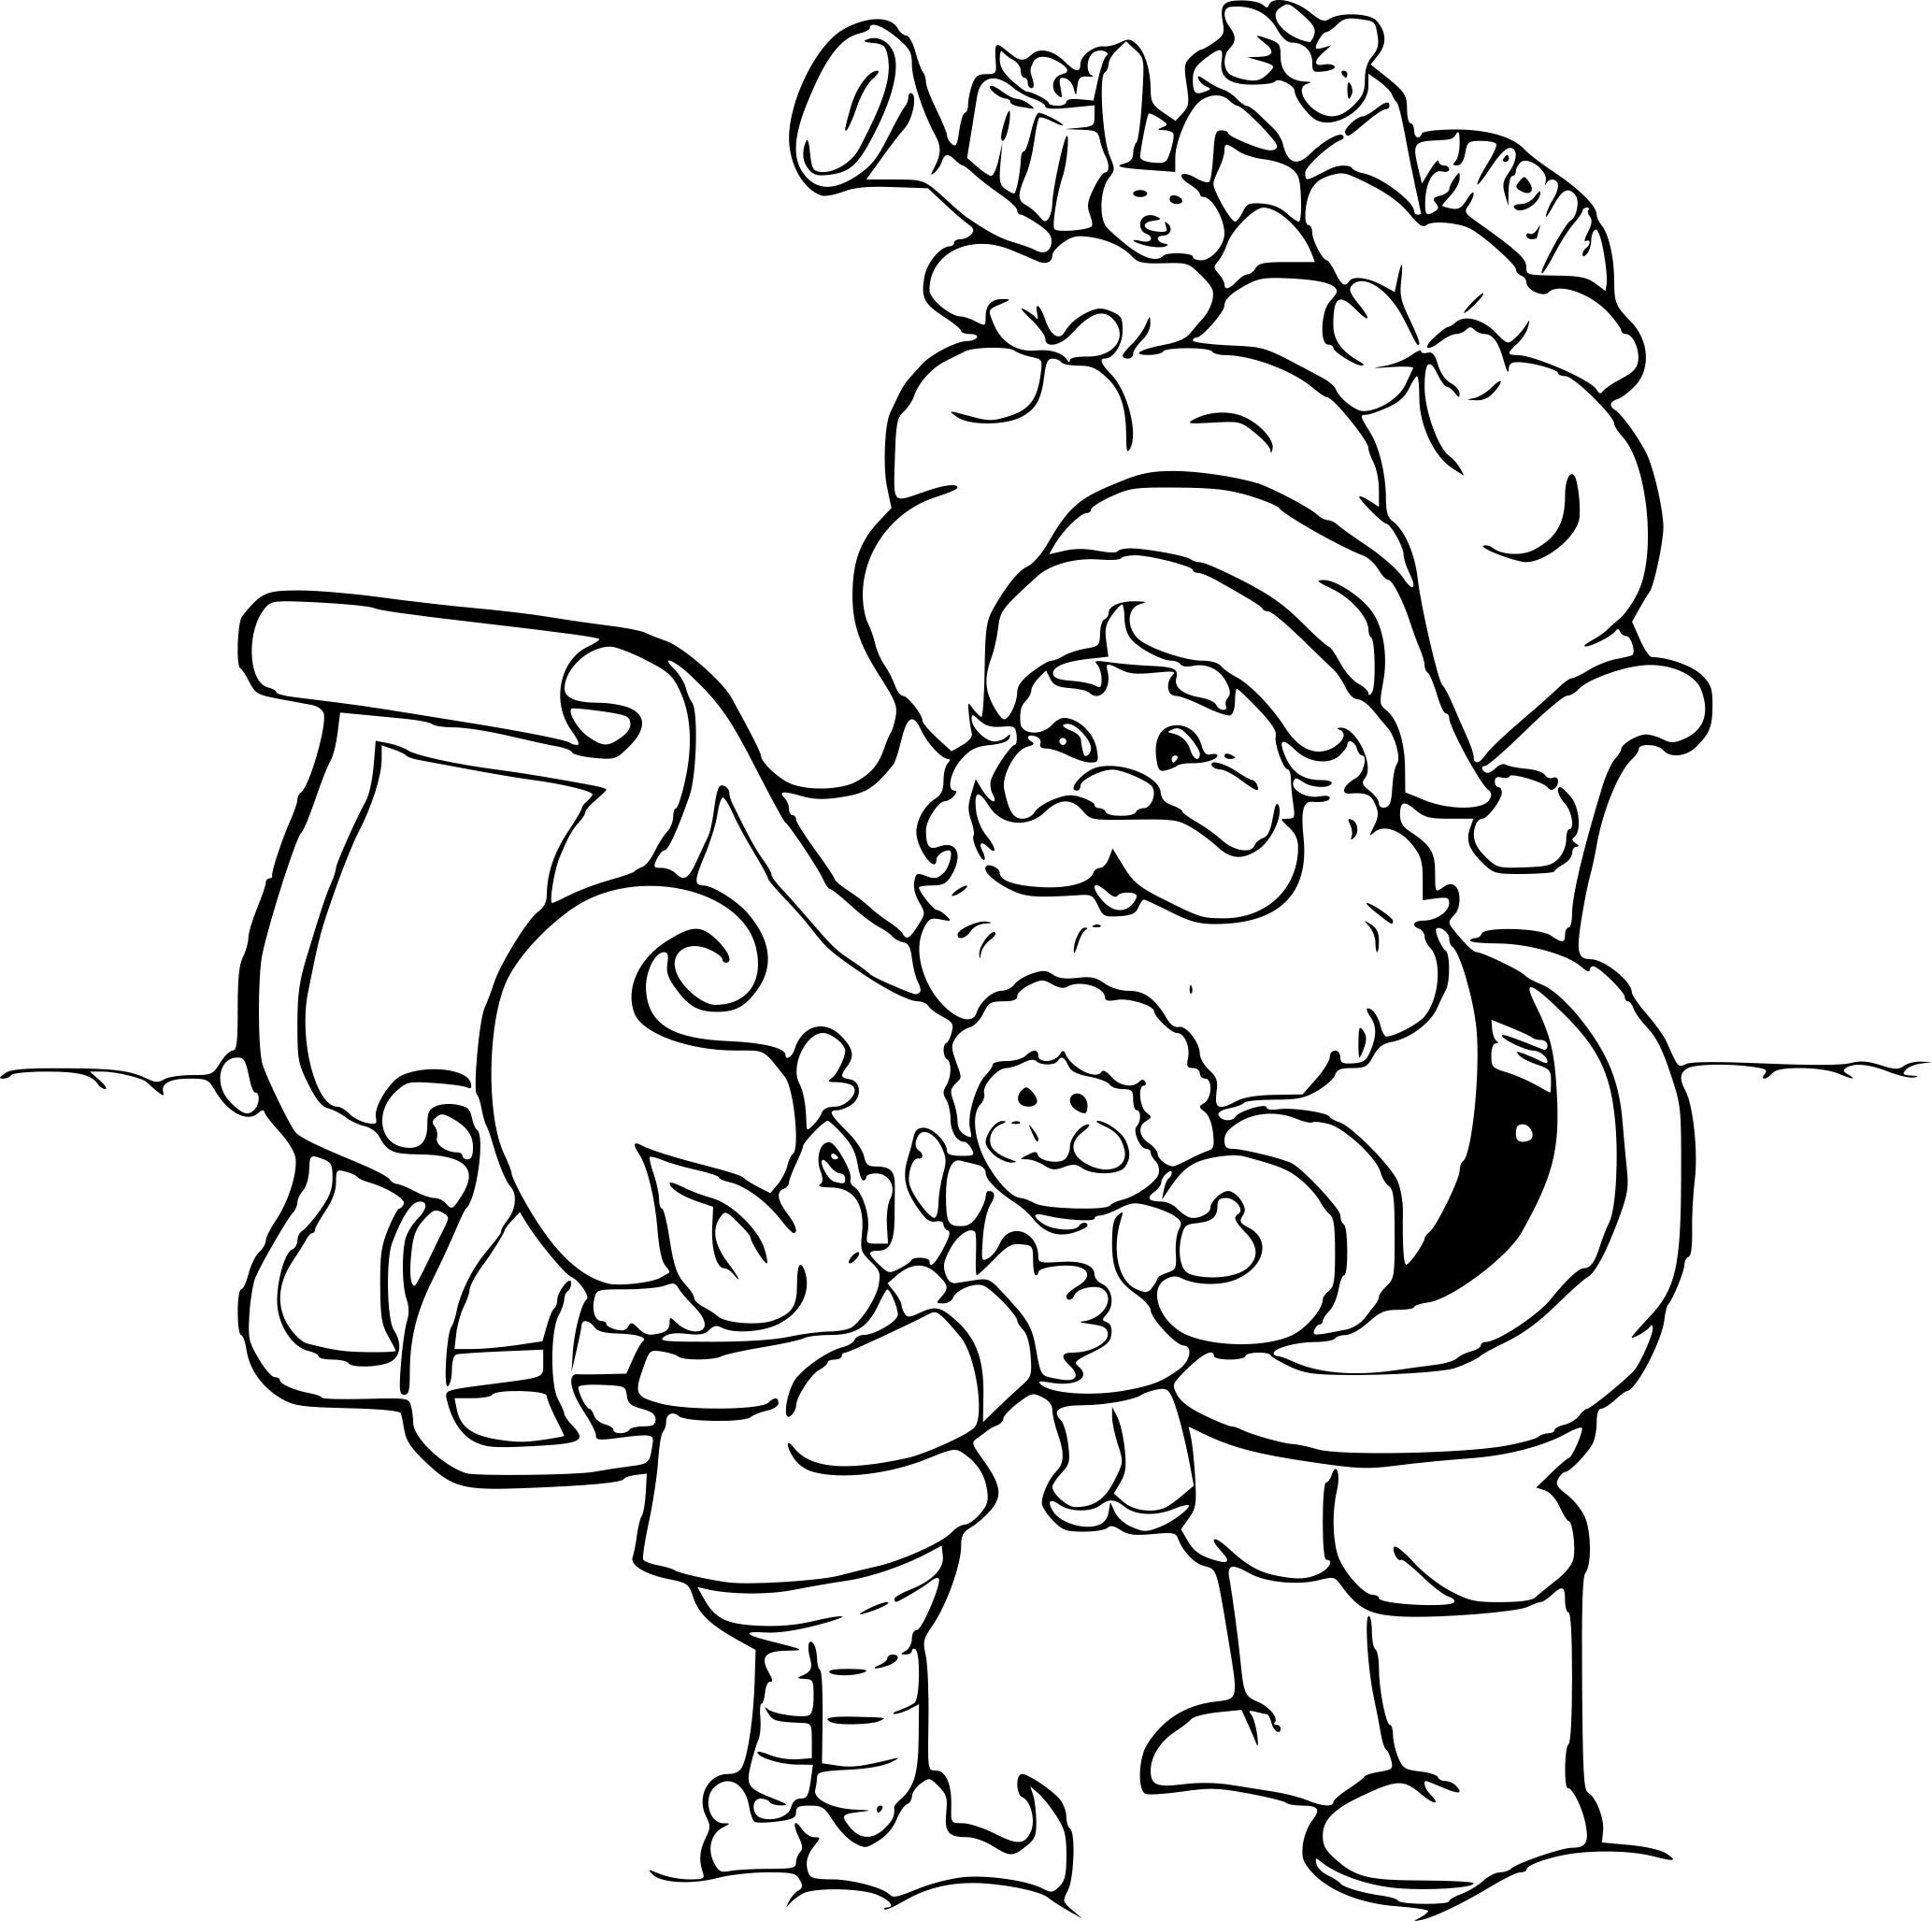 Coloriage Lutin Et Père Noël À Imprimer Sur Coloriages concernant Pere Noel À Colorier Et Imprimer